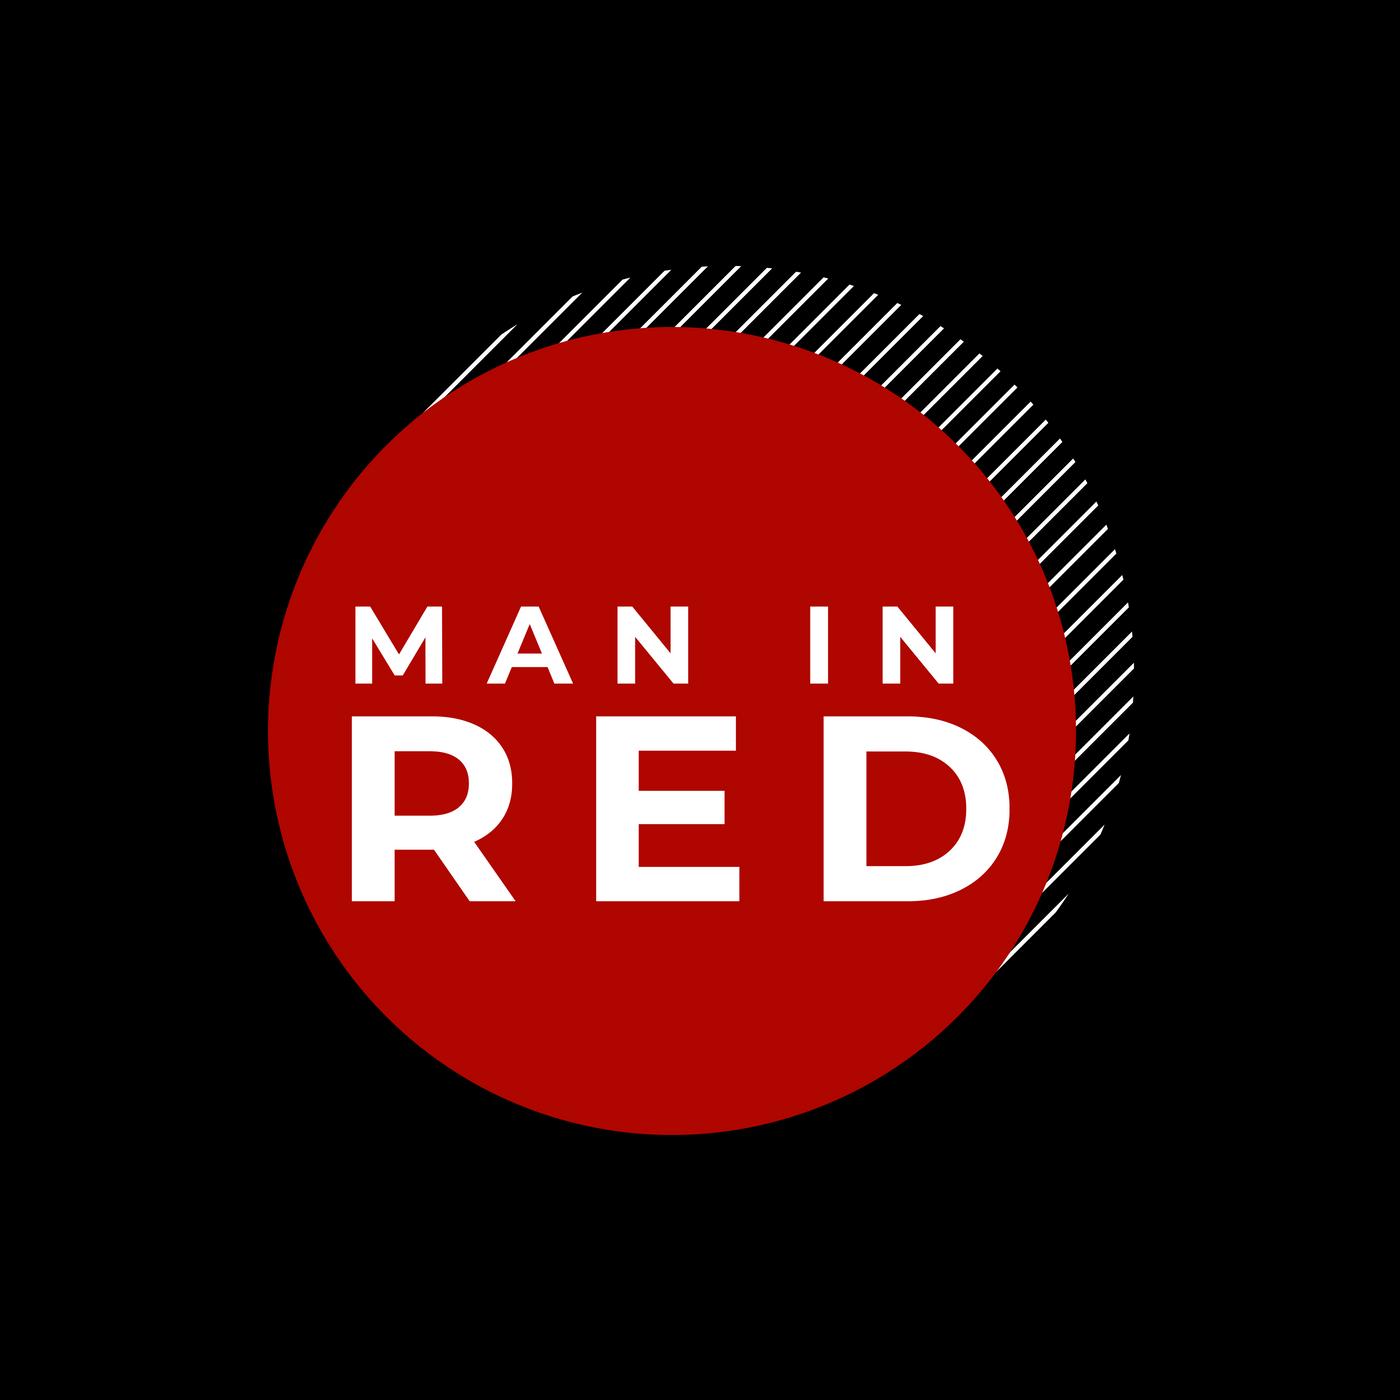 Logo Man in red